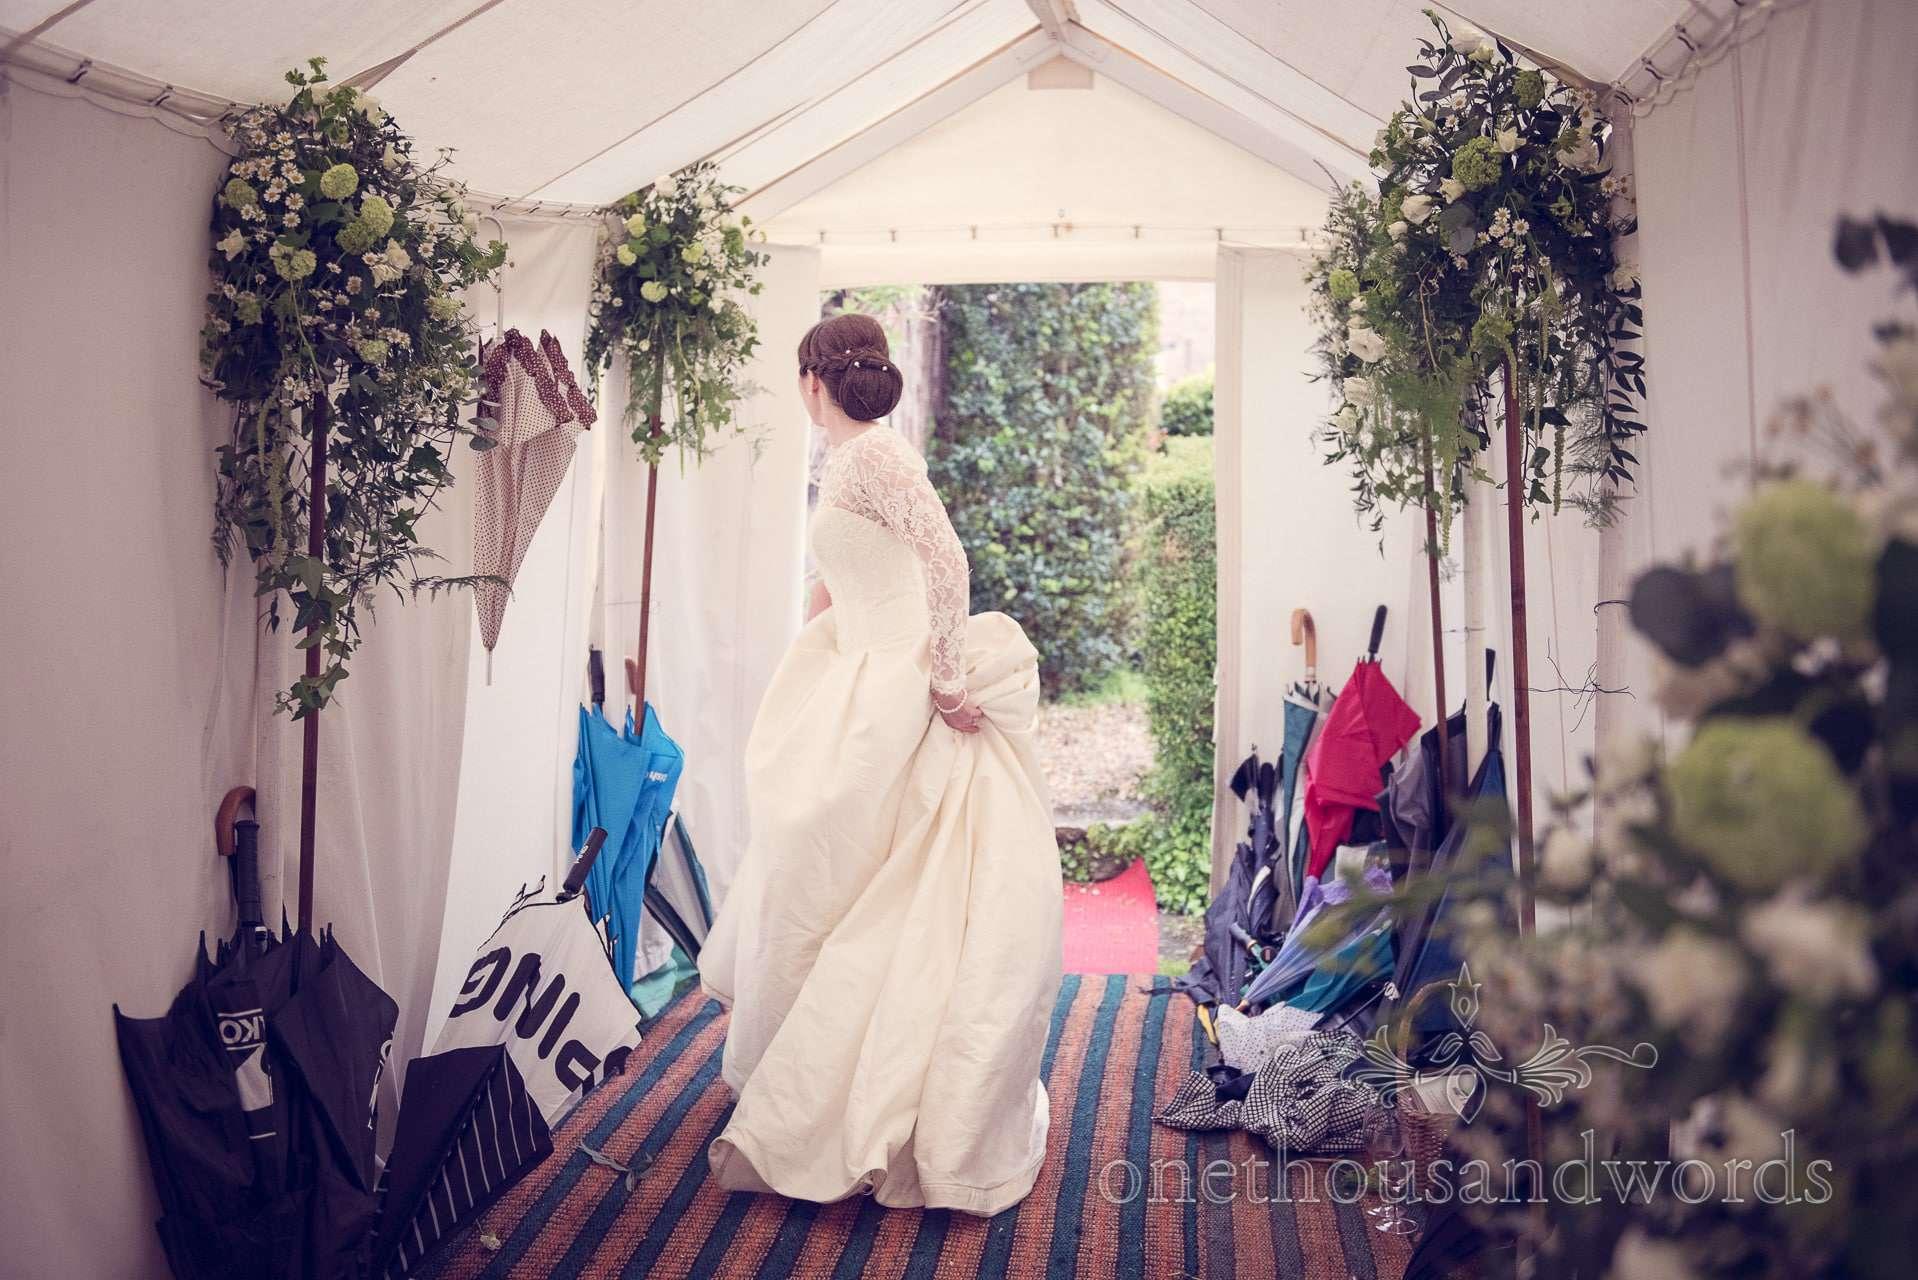 Bride arrives at wedding marquee with umbrellas